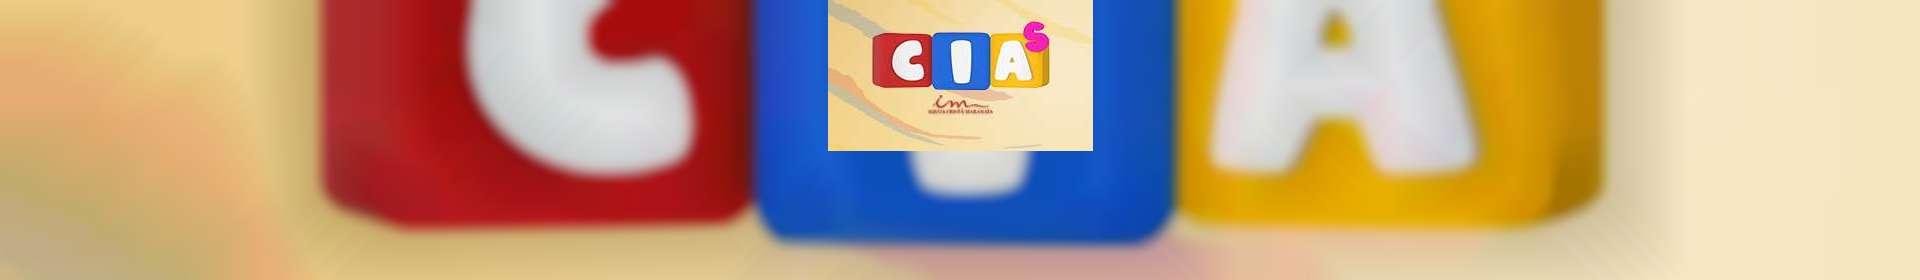 Aula de CIAS: classe de 3 a 7 anos - 11 de junho de 2020